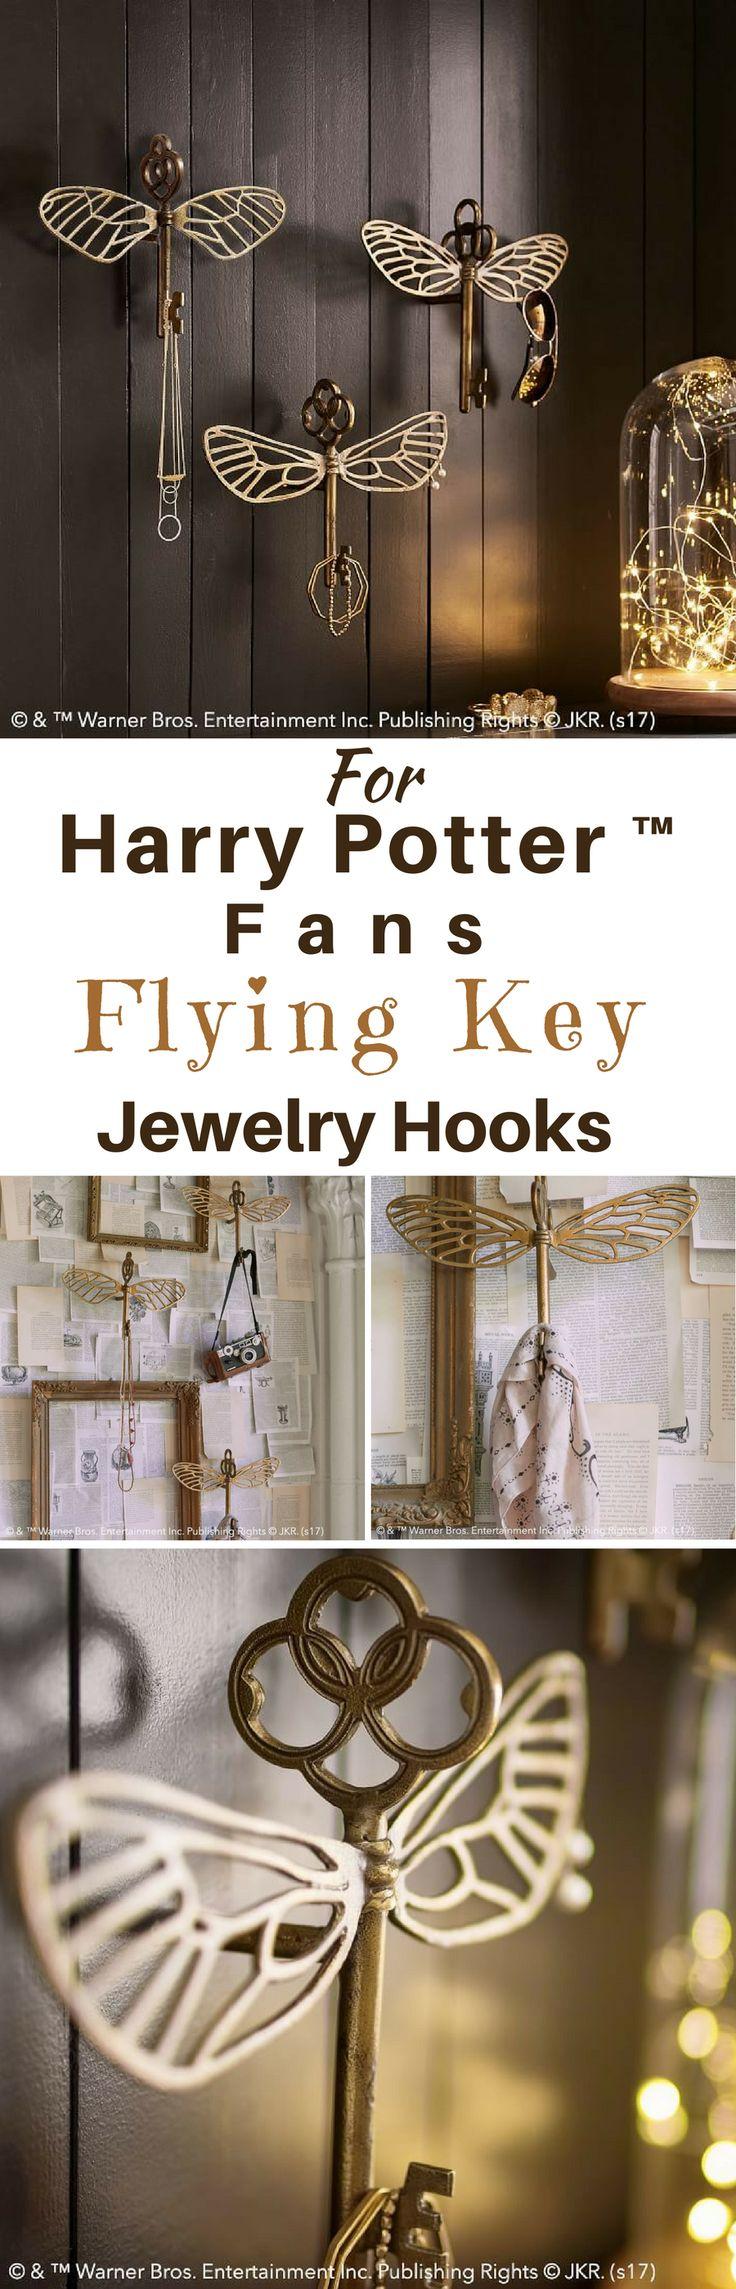 Super Harry Potter Flying Key Schmuck Haken! Liebe es, liebe es, liebe es!